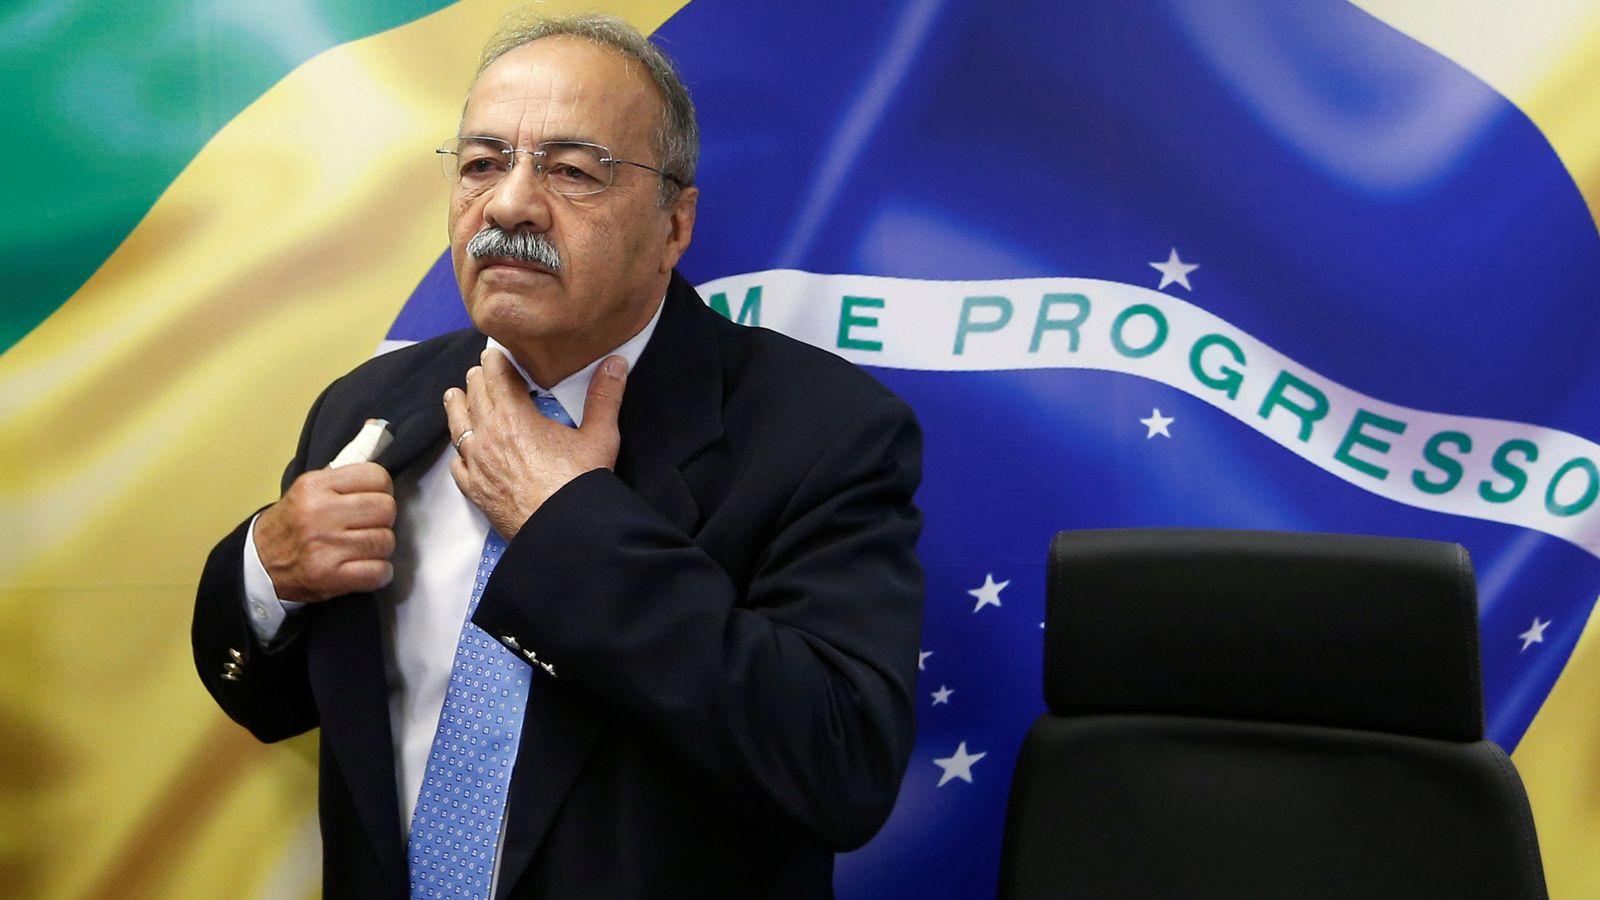 巴西参议员奇科•罗德里格斯(路透社)